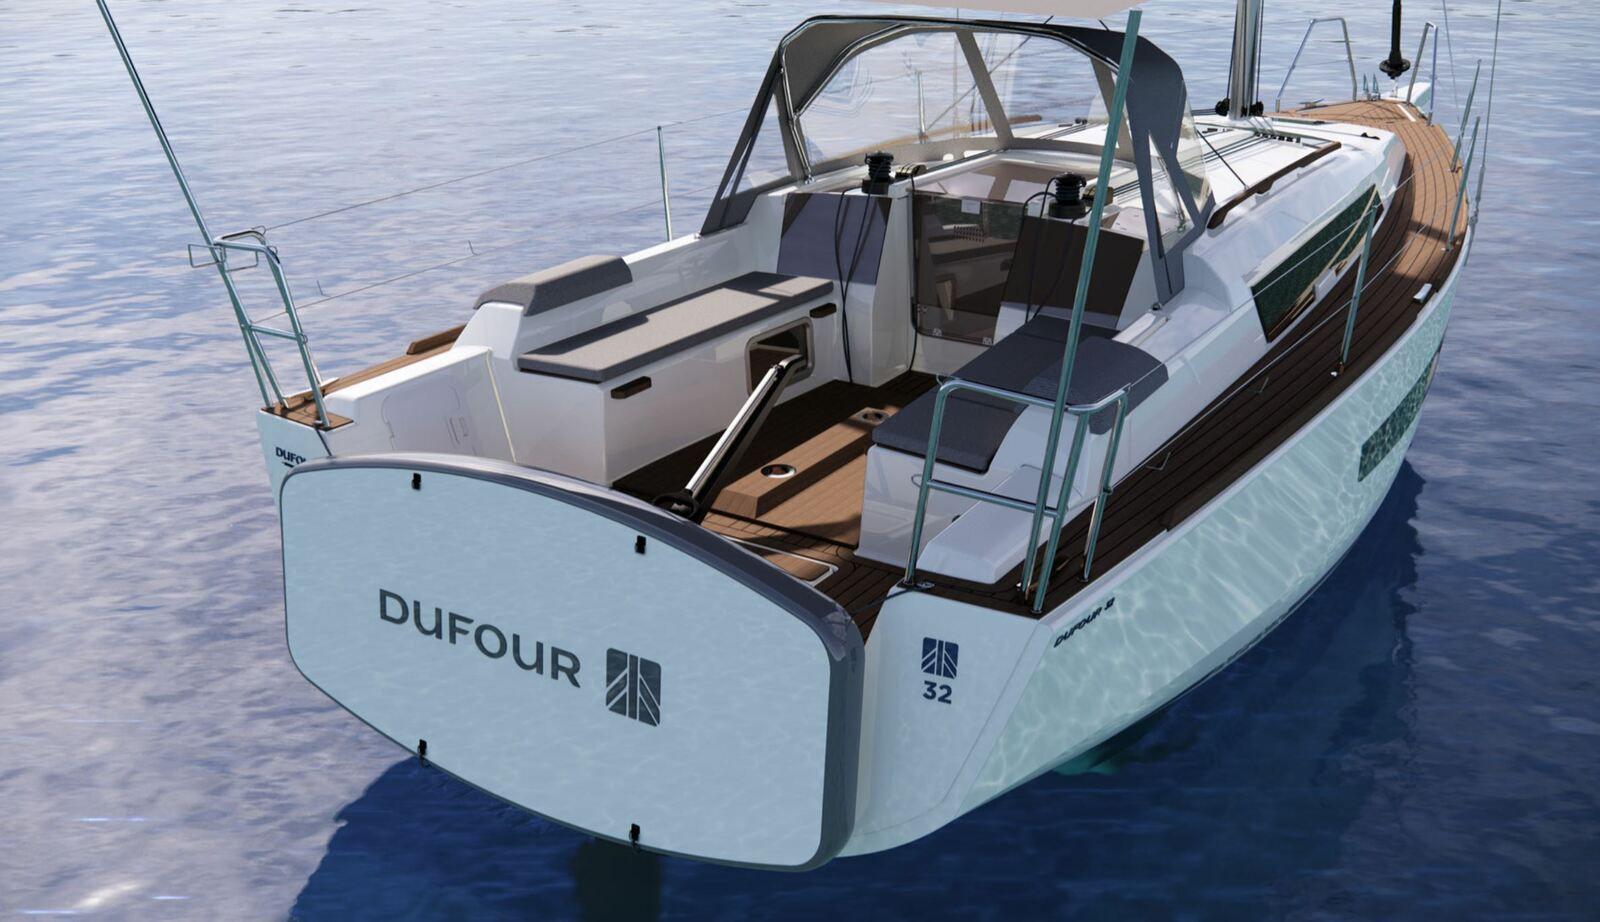 Le nouveau Dufour 32 s'inscrit pleinement dans la lignée des Dufour actuels